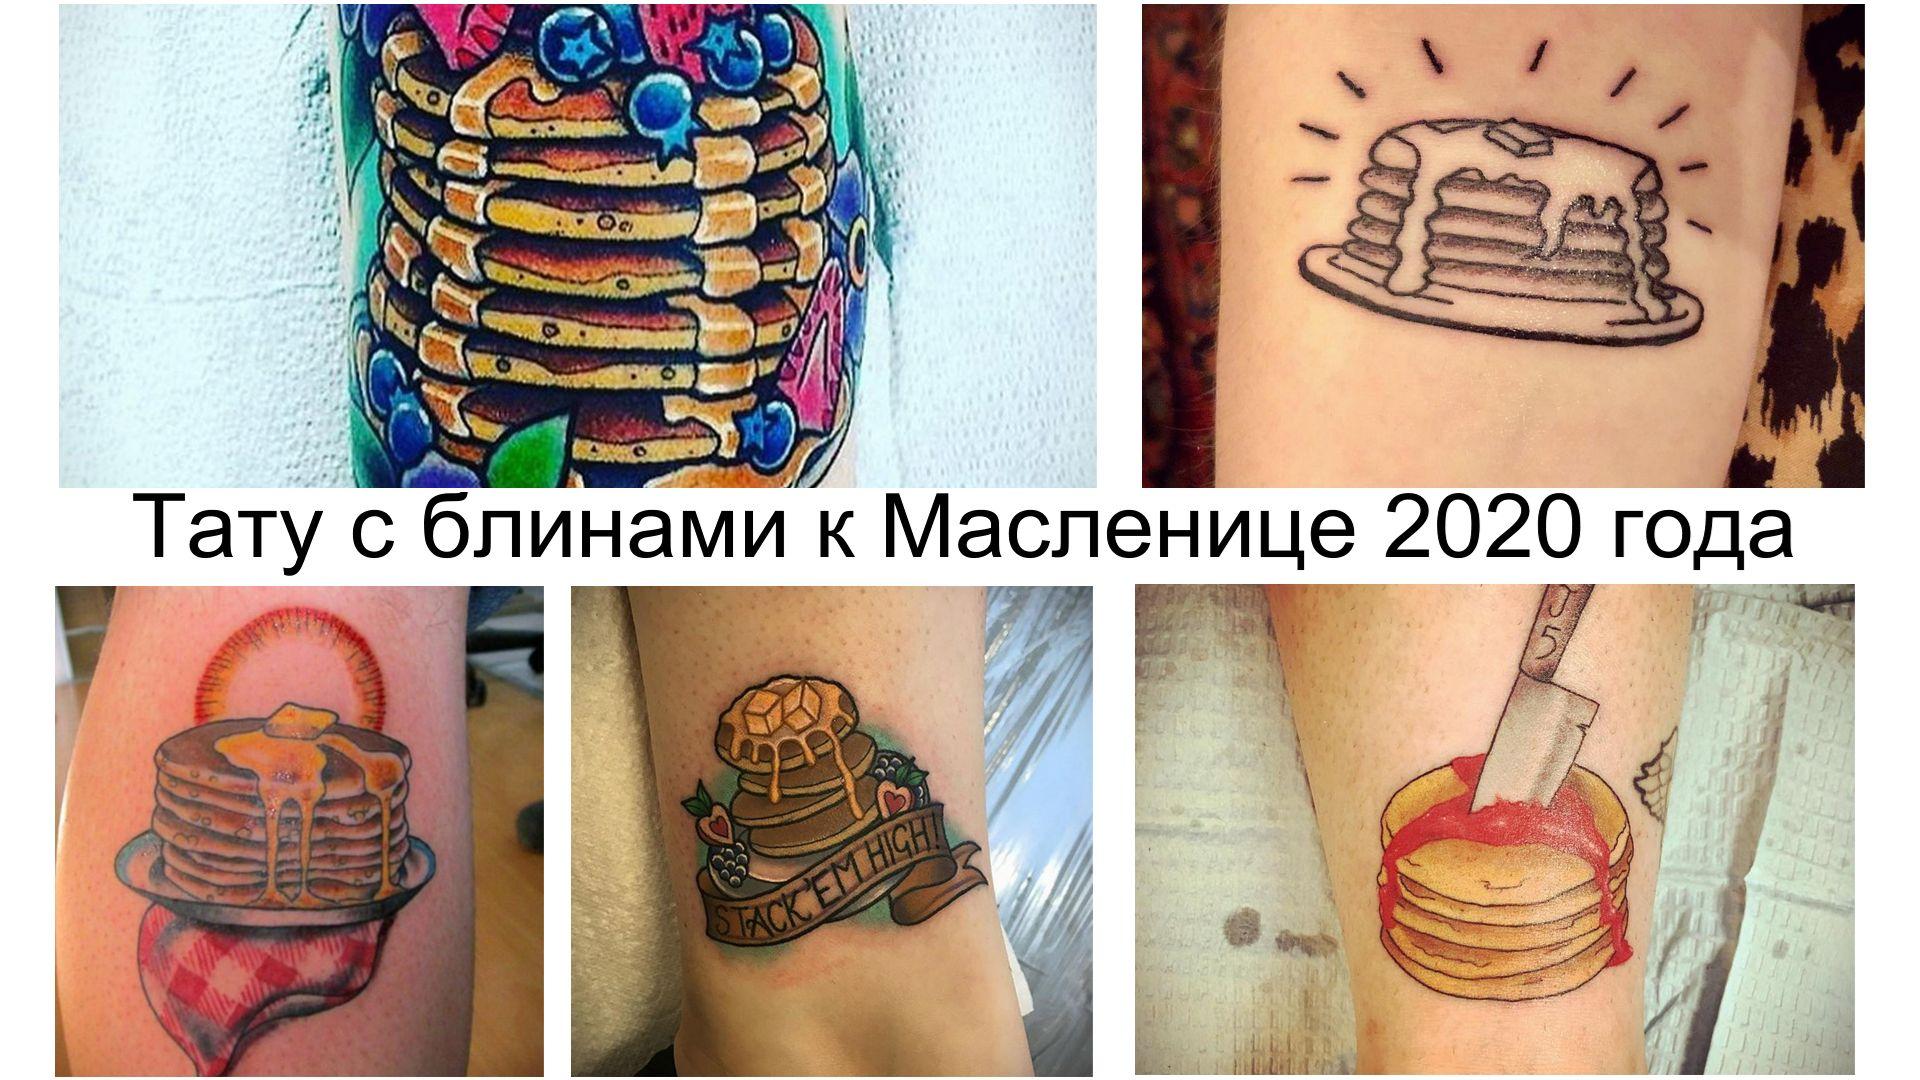 Татуировка с блинами к празднику Масленицы 2020 года